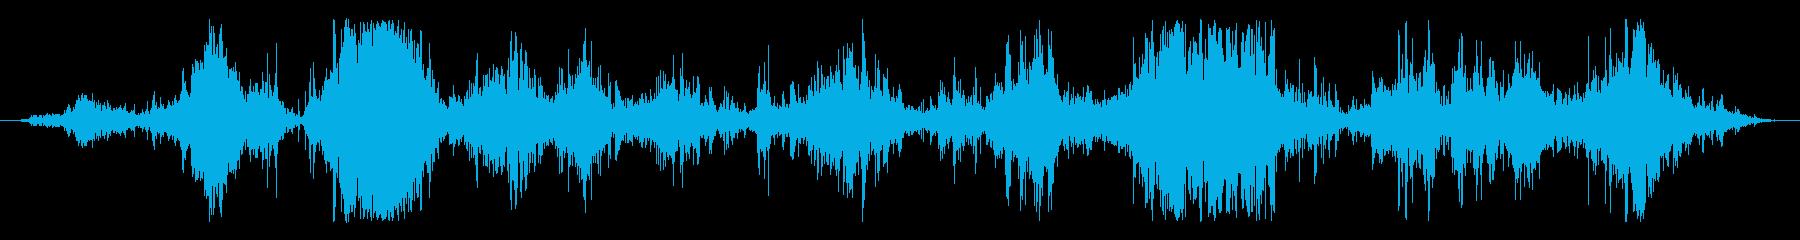 Mediumへの中程度の水または波...の再生済みの波形